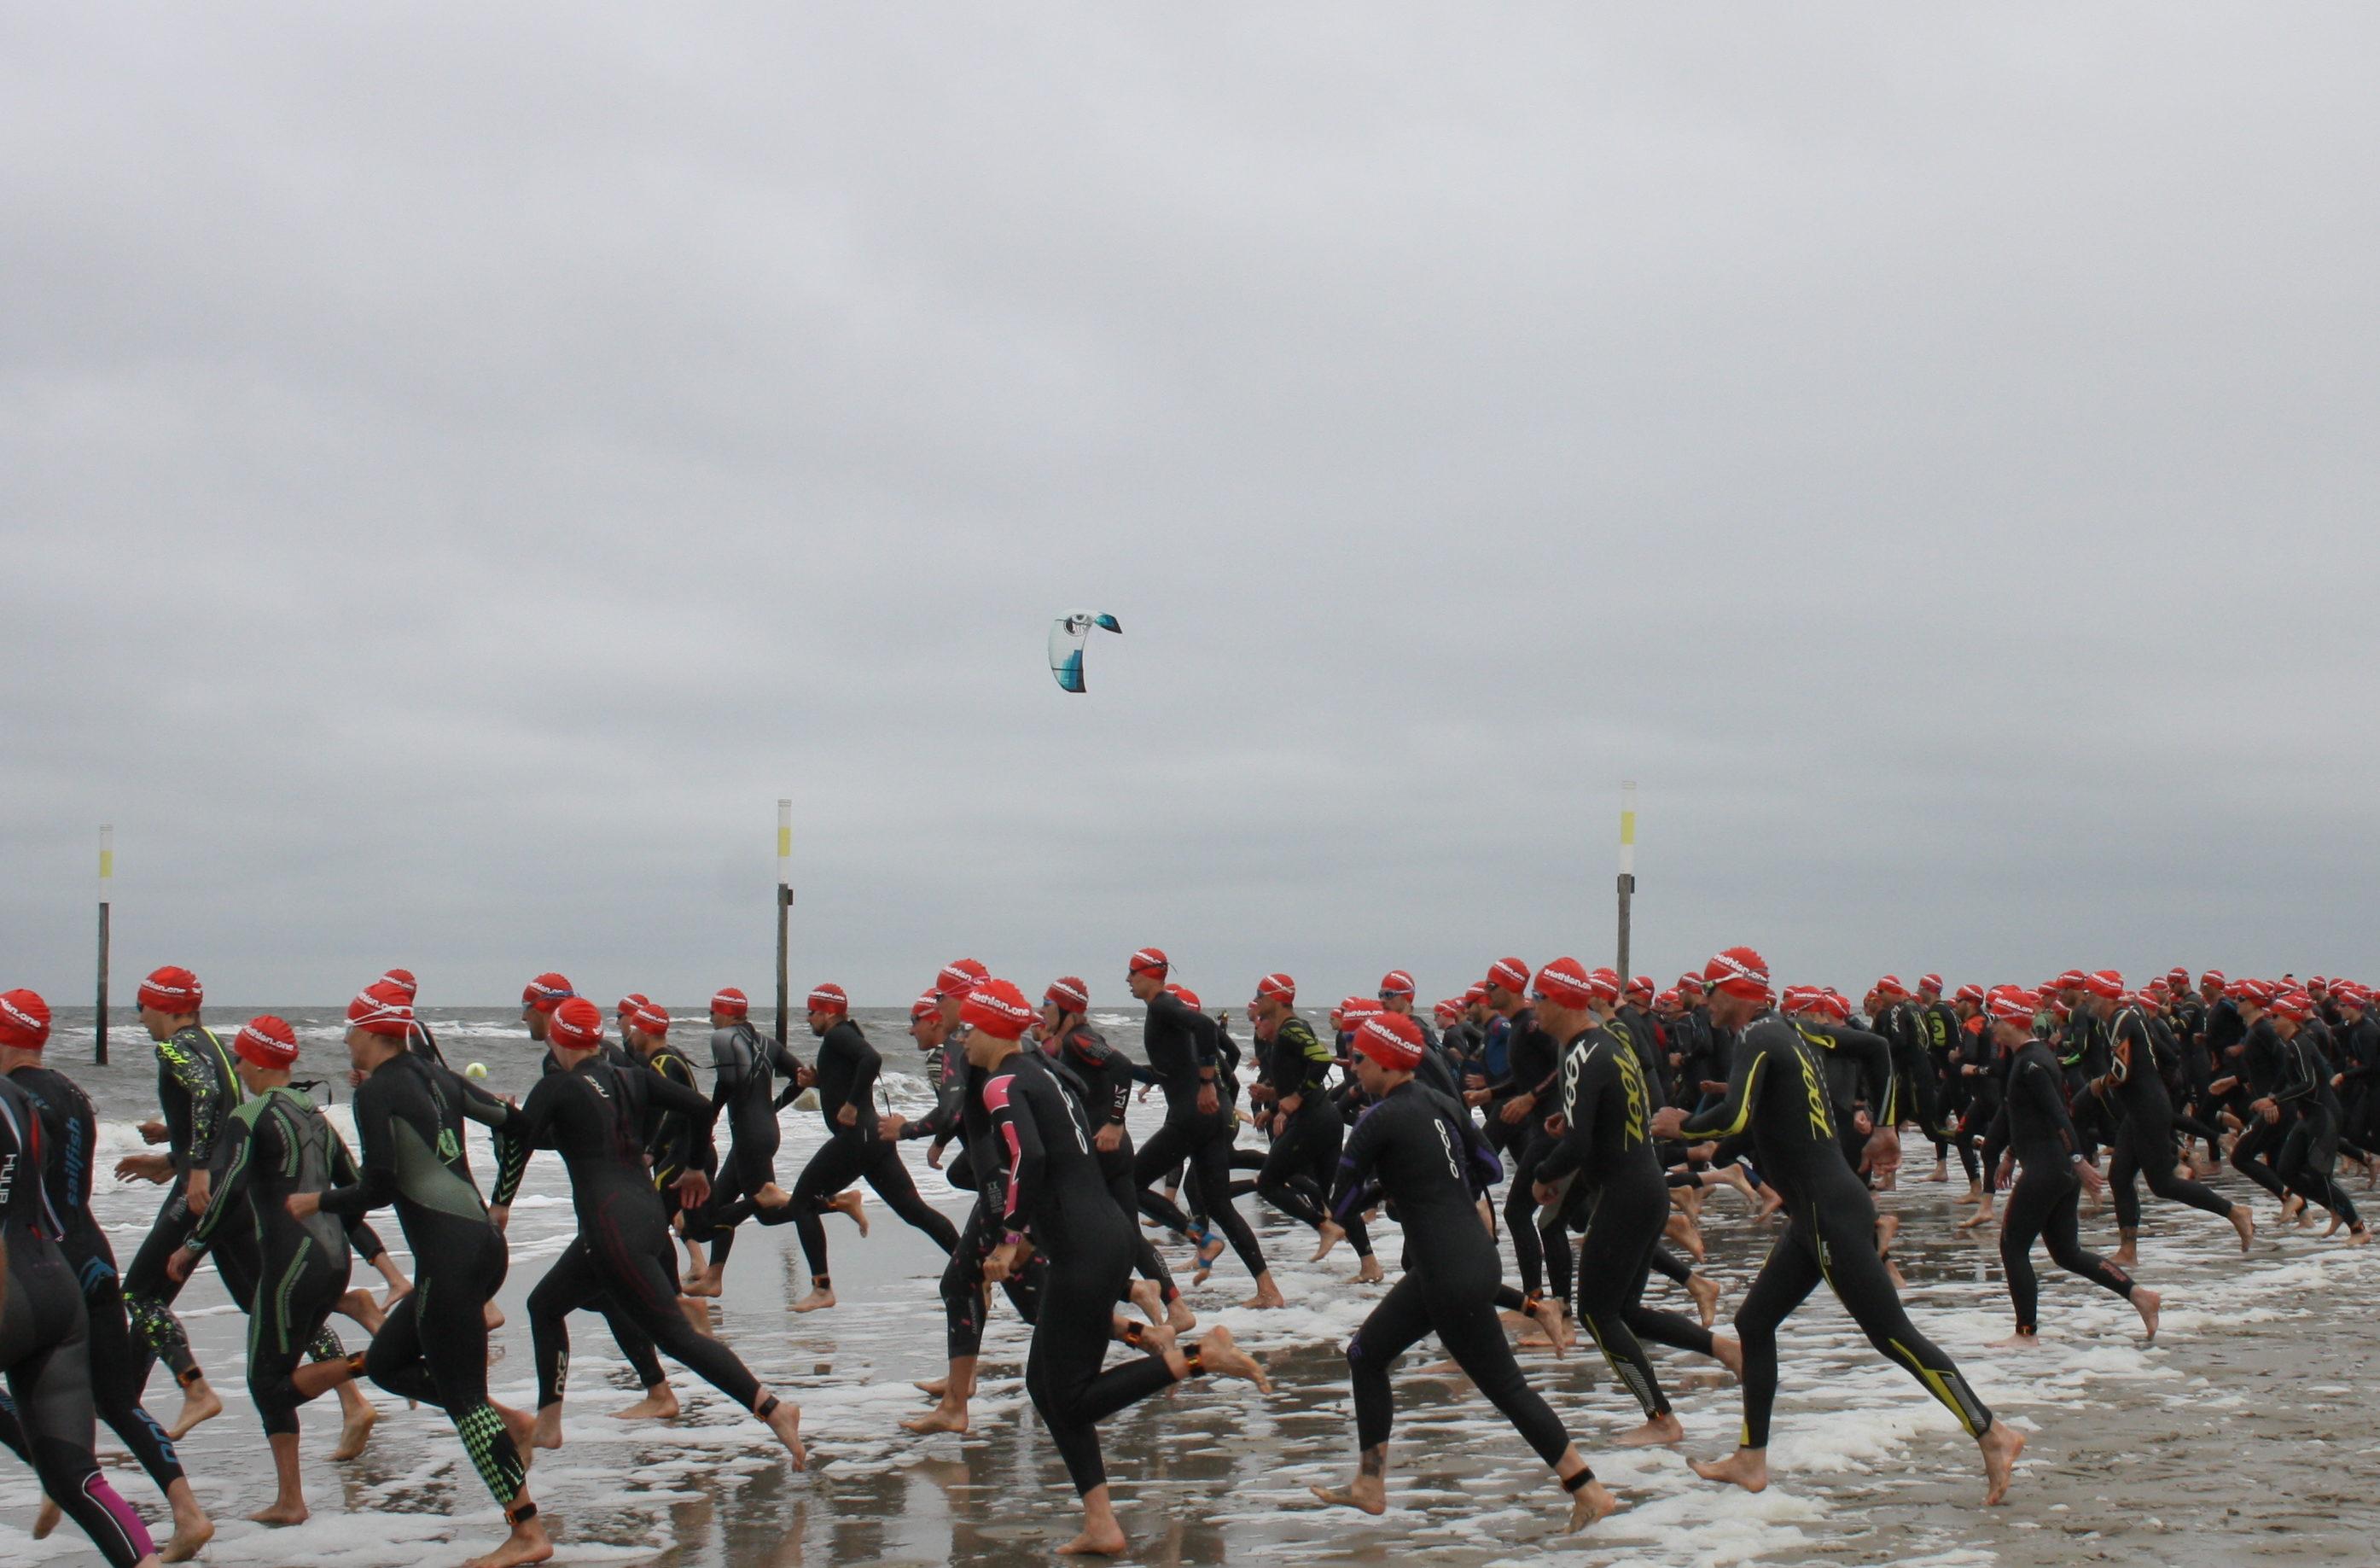 Gegen Den Wind Triathlon In St. Peter-Ording: Verbands- Und Landesliga Erkämpfen Sich Erneut Das Podium